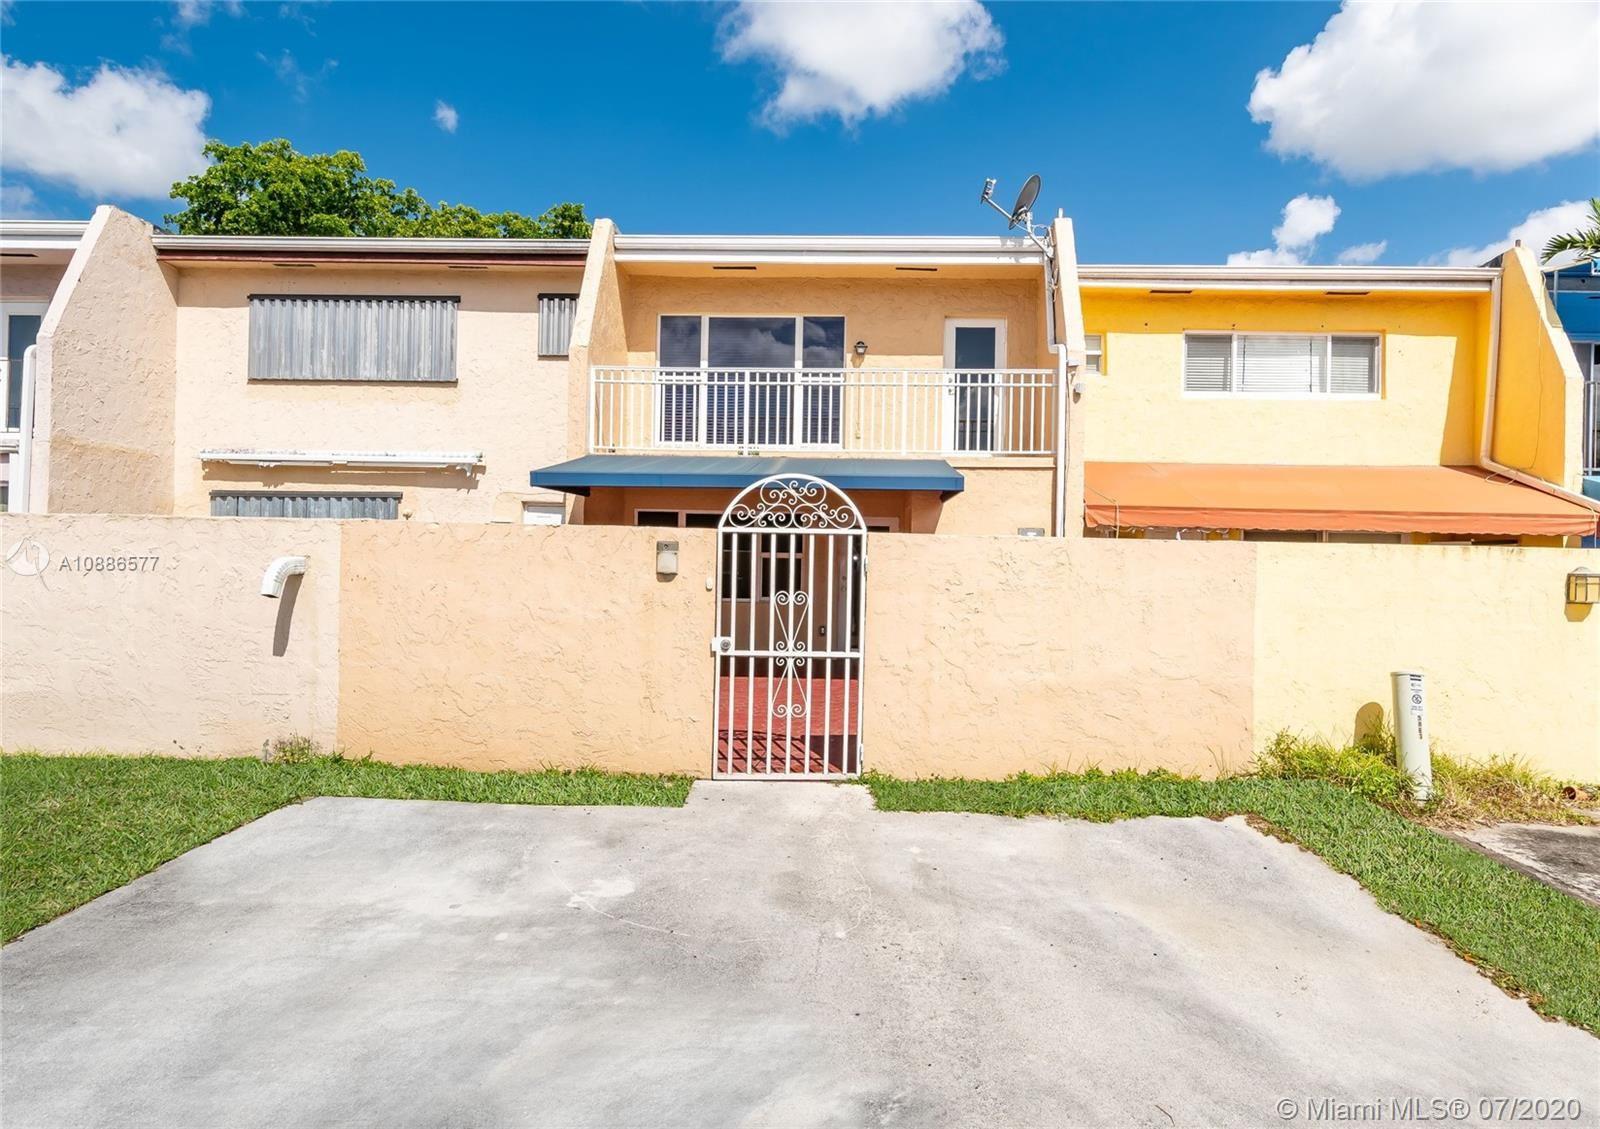 8863 SW 96th Ave #8863, Miami, FL 33176 - #: A10886577